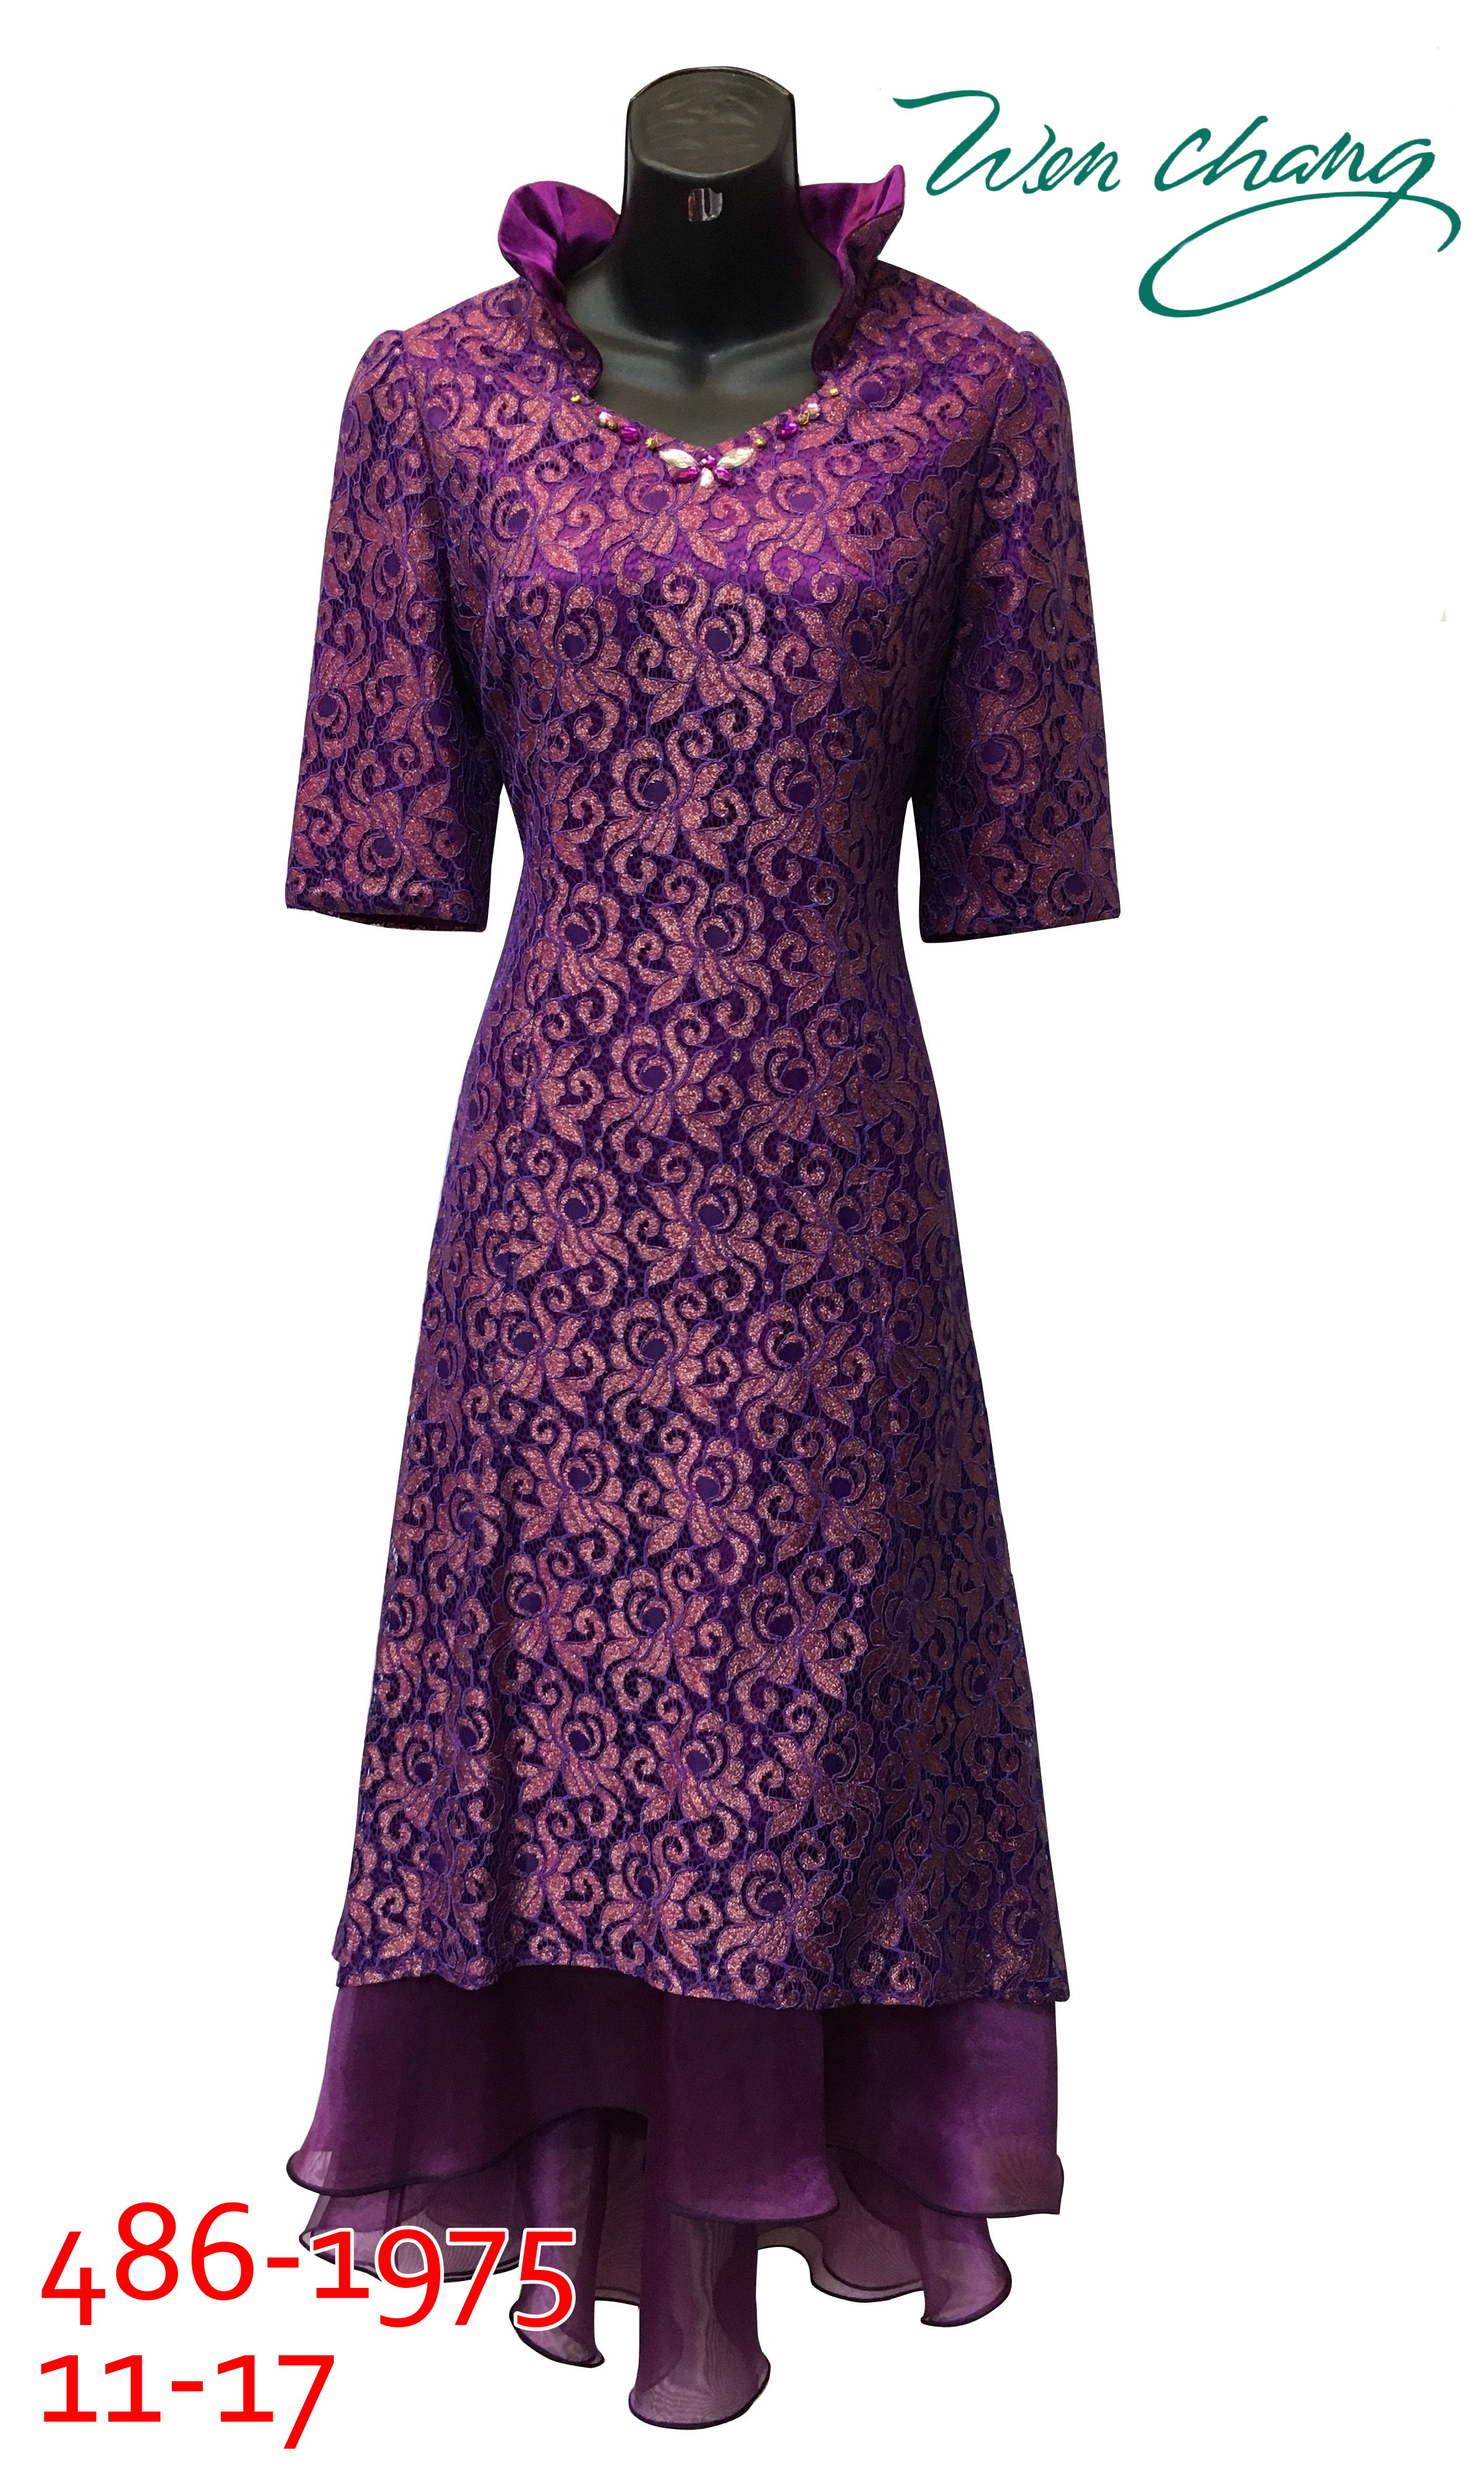 媽媽長禮服-486-1975